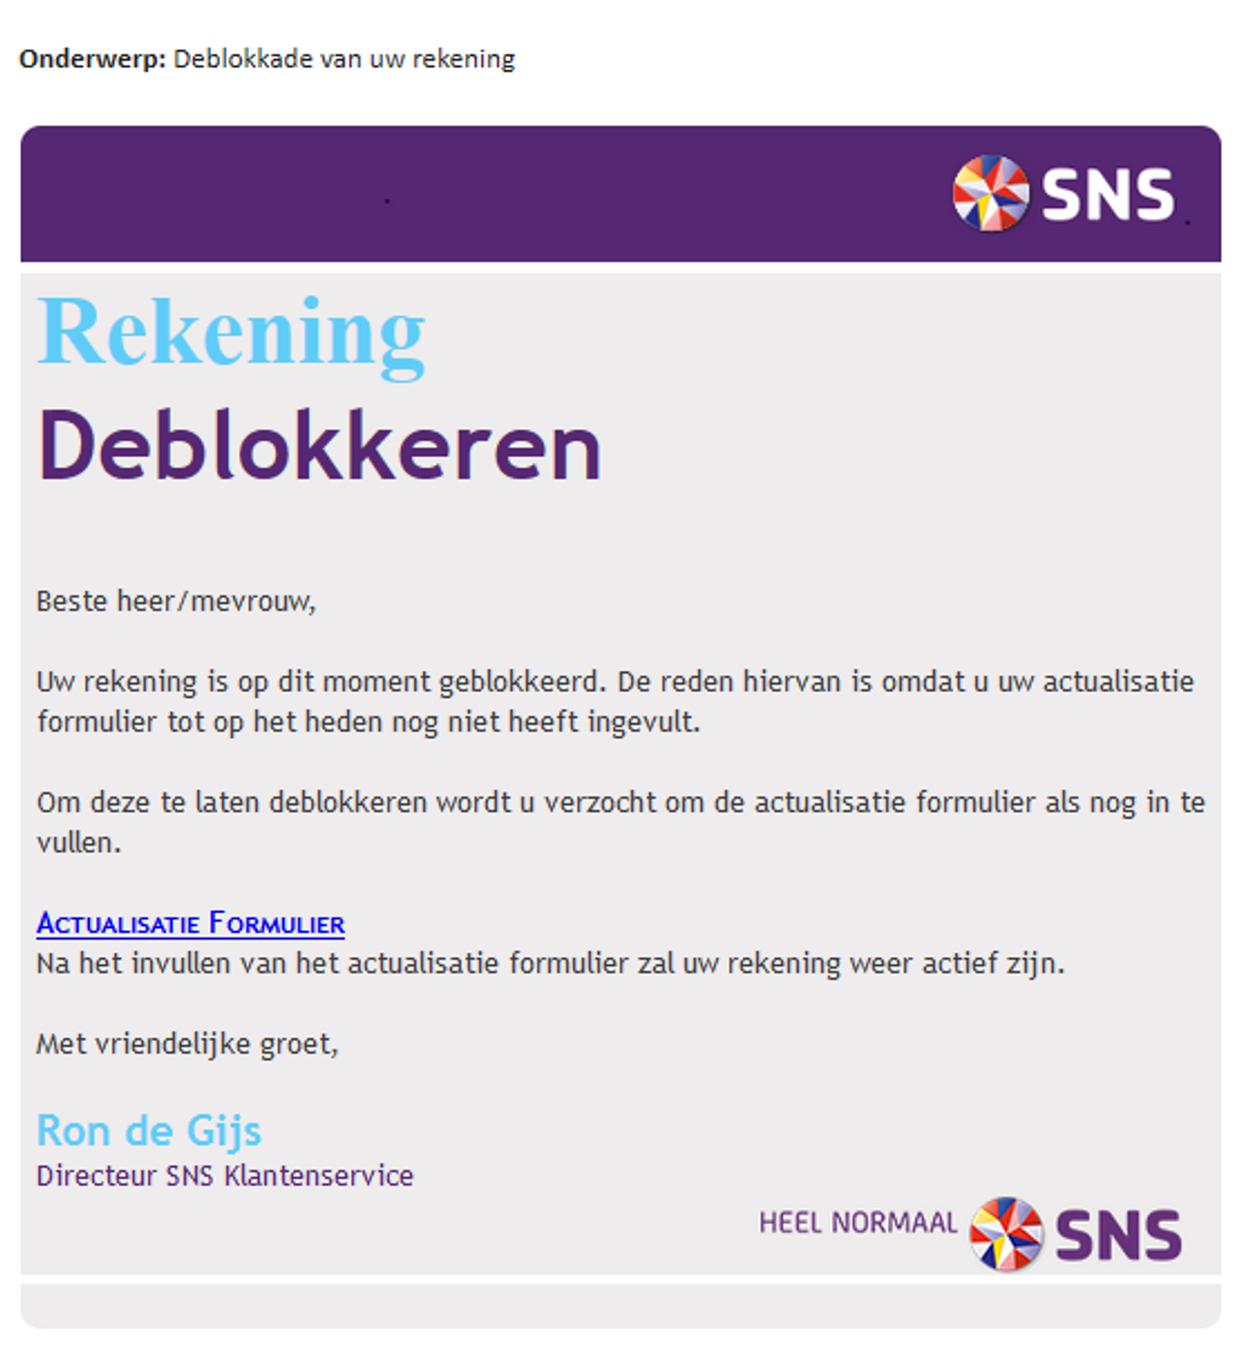 SNS rekening deblokkeren phishing